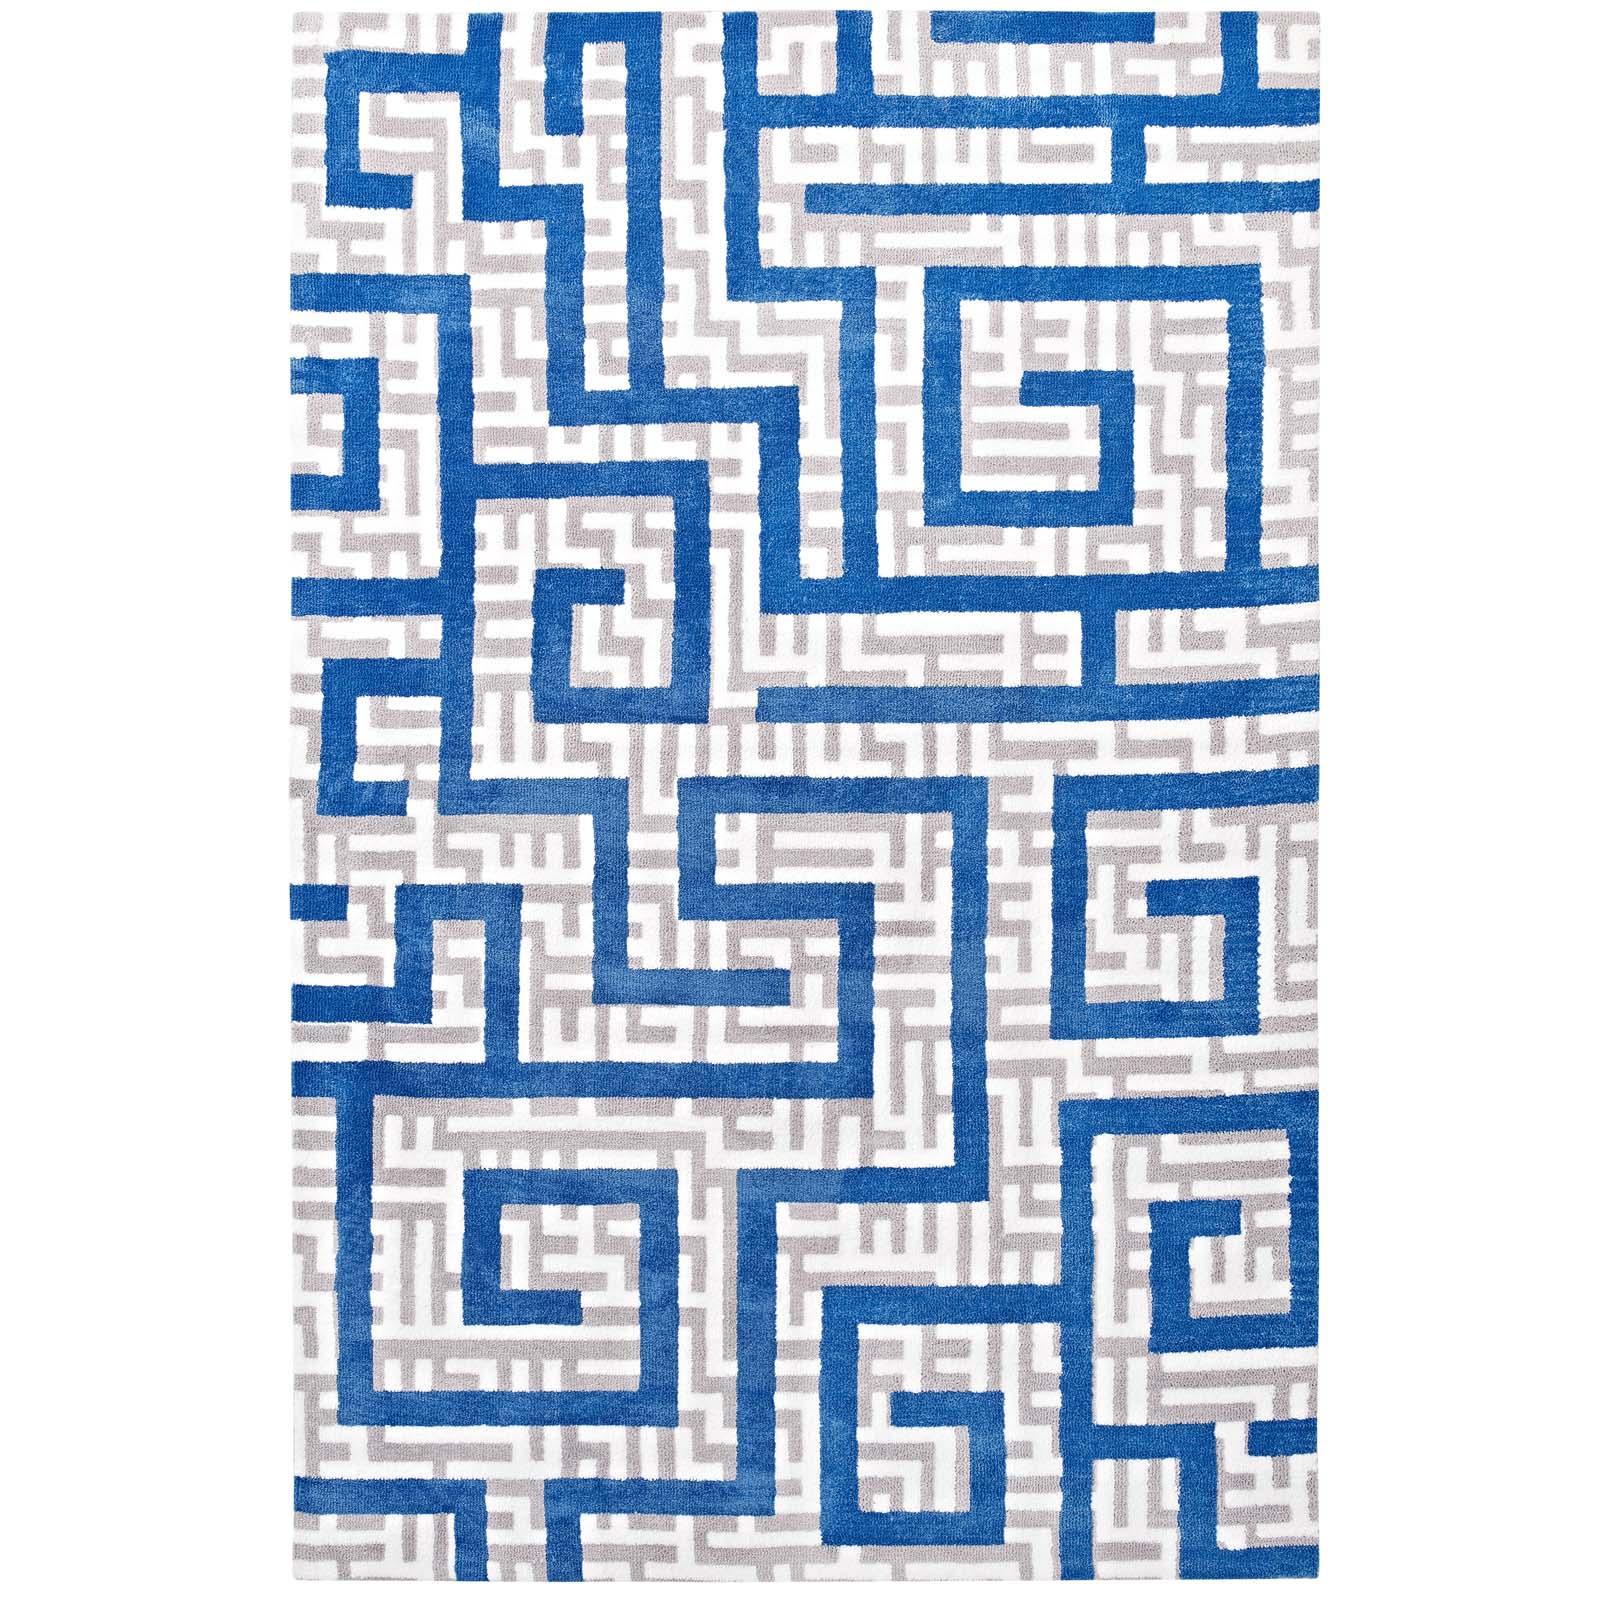 Nahia Geometric Maze 8x10 Area Rug Ivory, Light Gray and Blue R-1015A-810